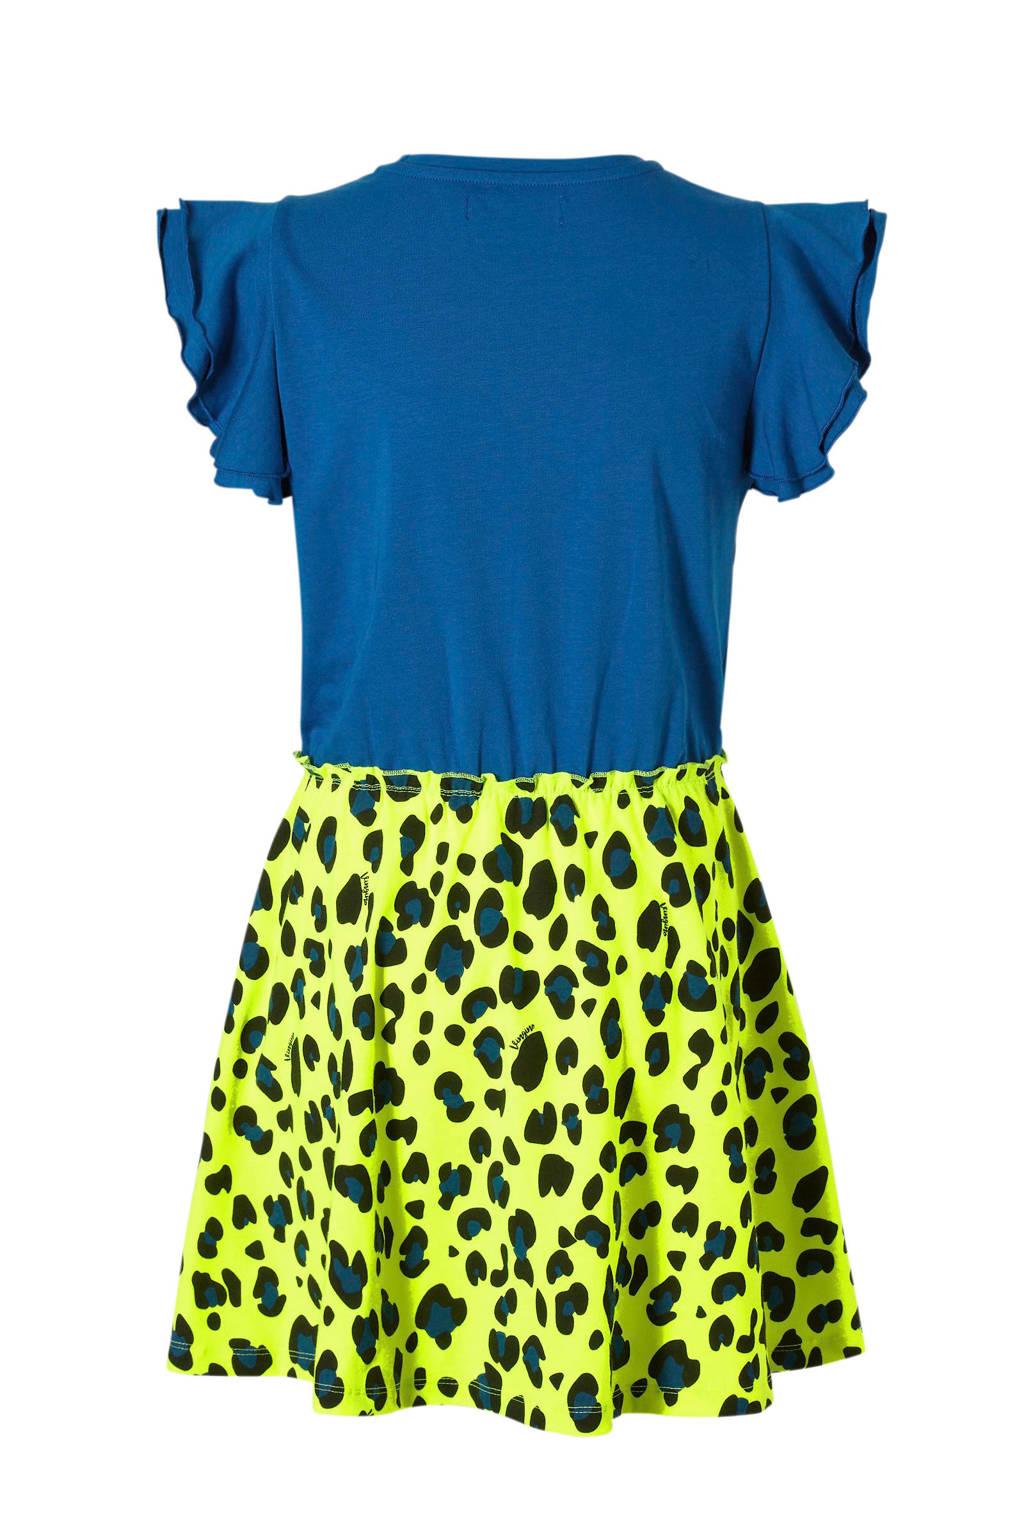 Vingino jurk met panterprint en tekst neon geel, Neon geel/blauw/zwart